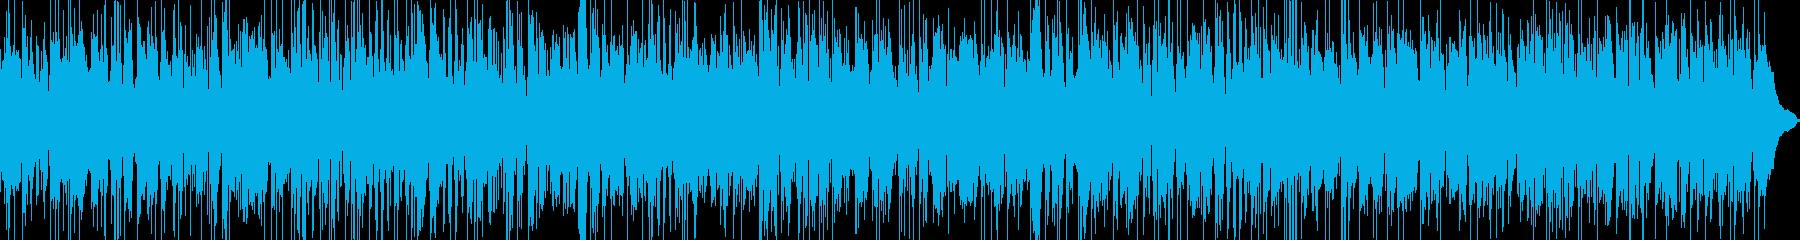 R&B風のおしゃれでかっこいいサックスの再生済みの波形